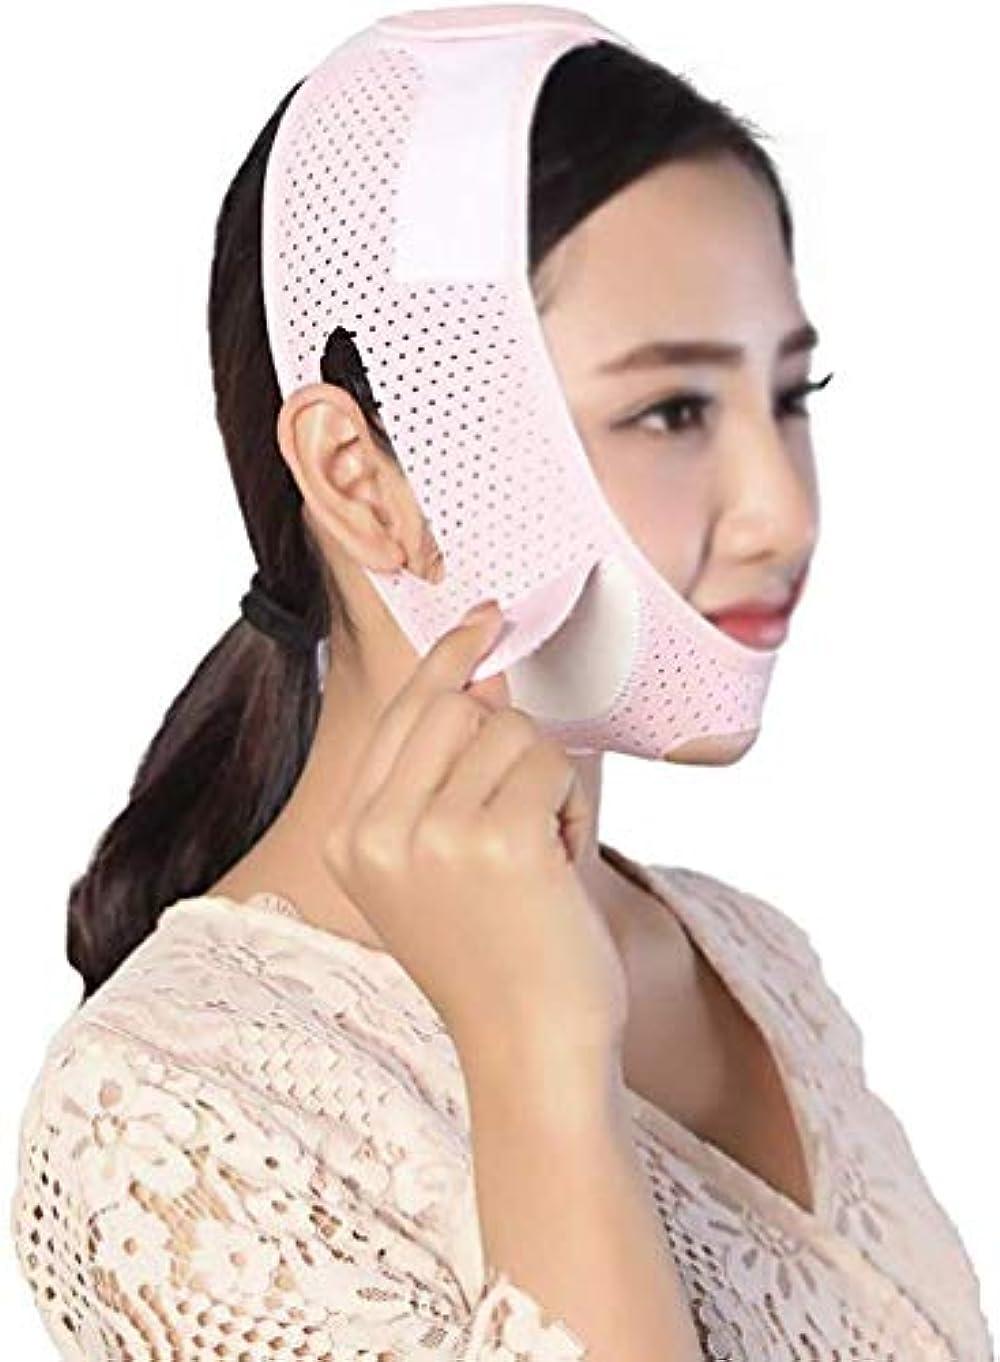 部門考古学洋服美しさと実用的な顔と首リフト術後弾性セットVフェイスマスクは、チンV顔アーティファクト回復サポートベルトの収縮の調整を強化します。